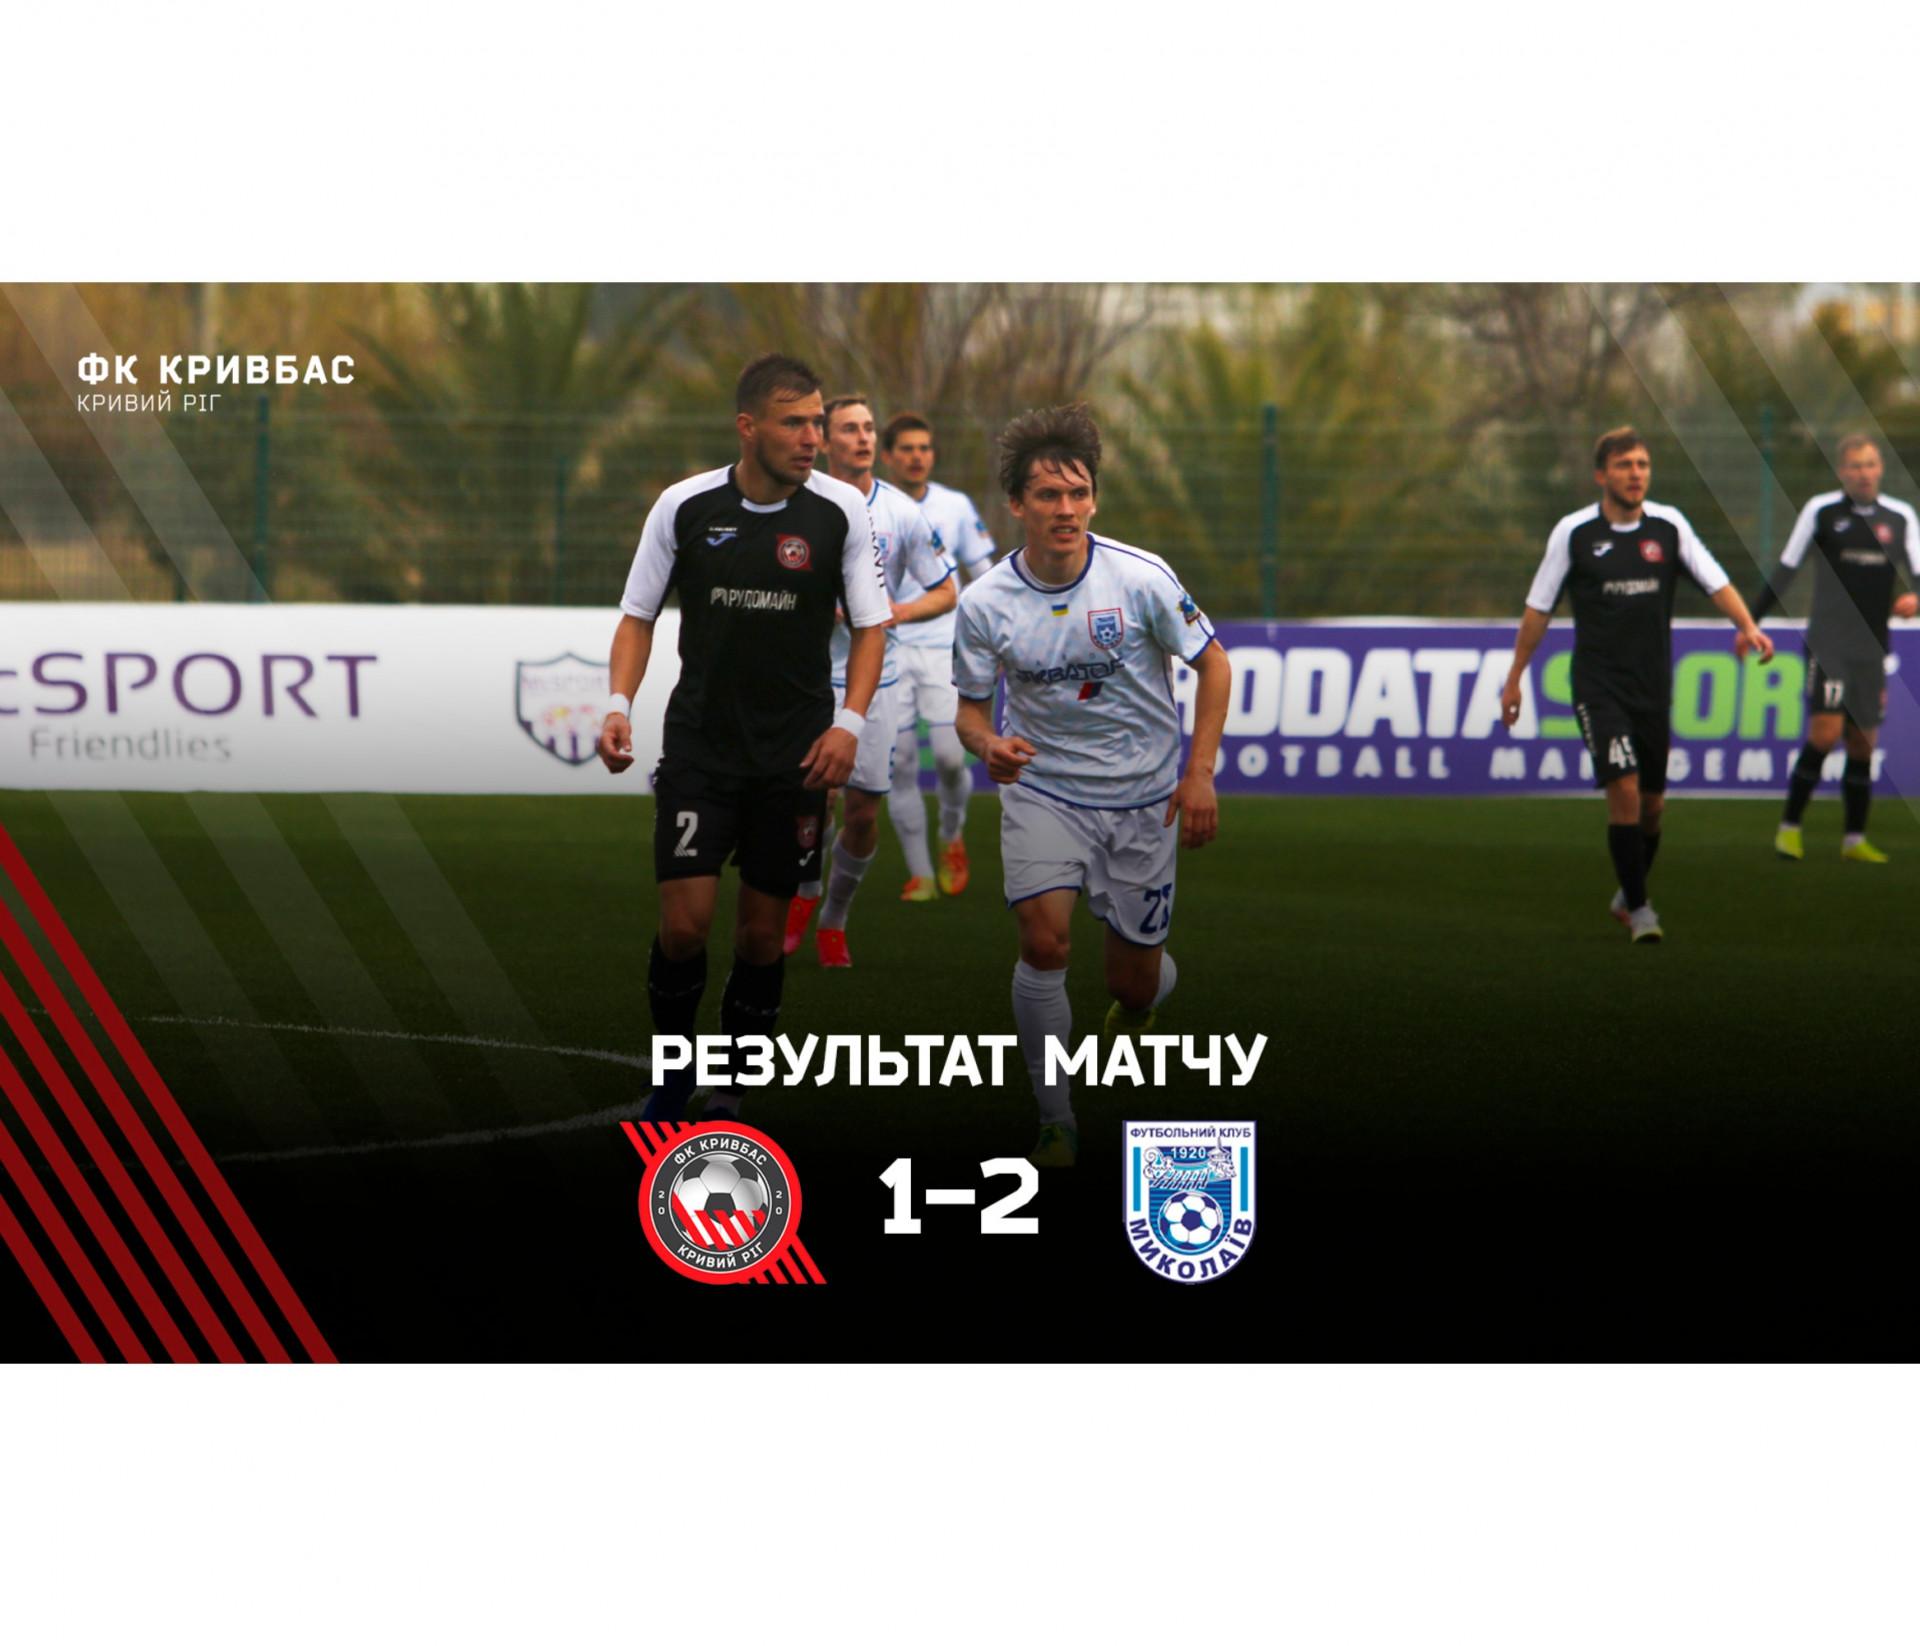 """""""Кривбас"""" - """"Миколаїв"""" 1:2}"""